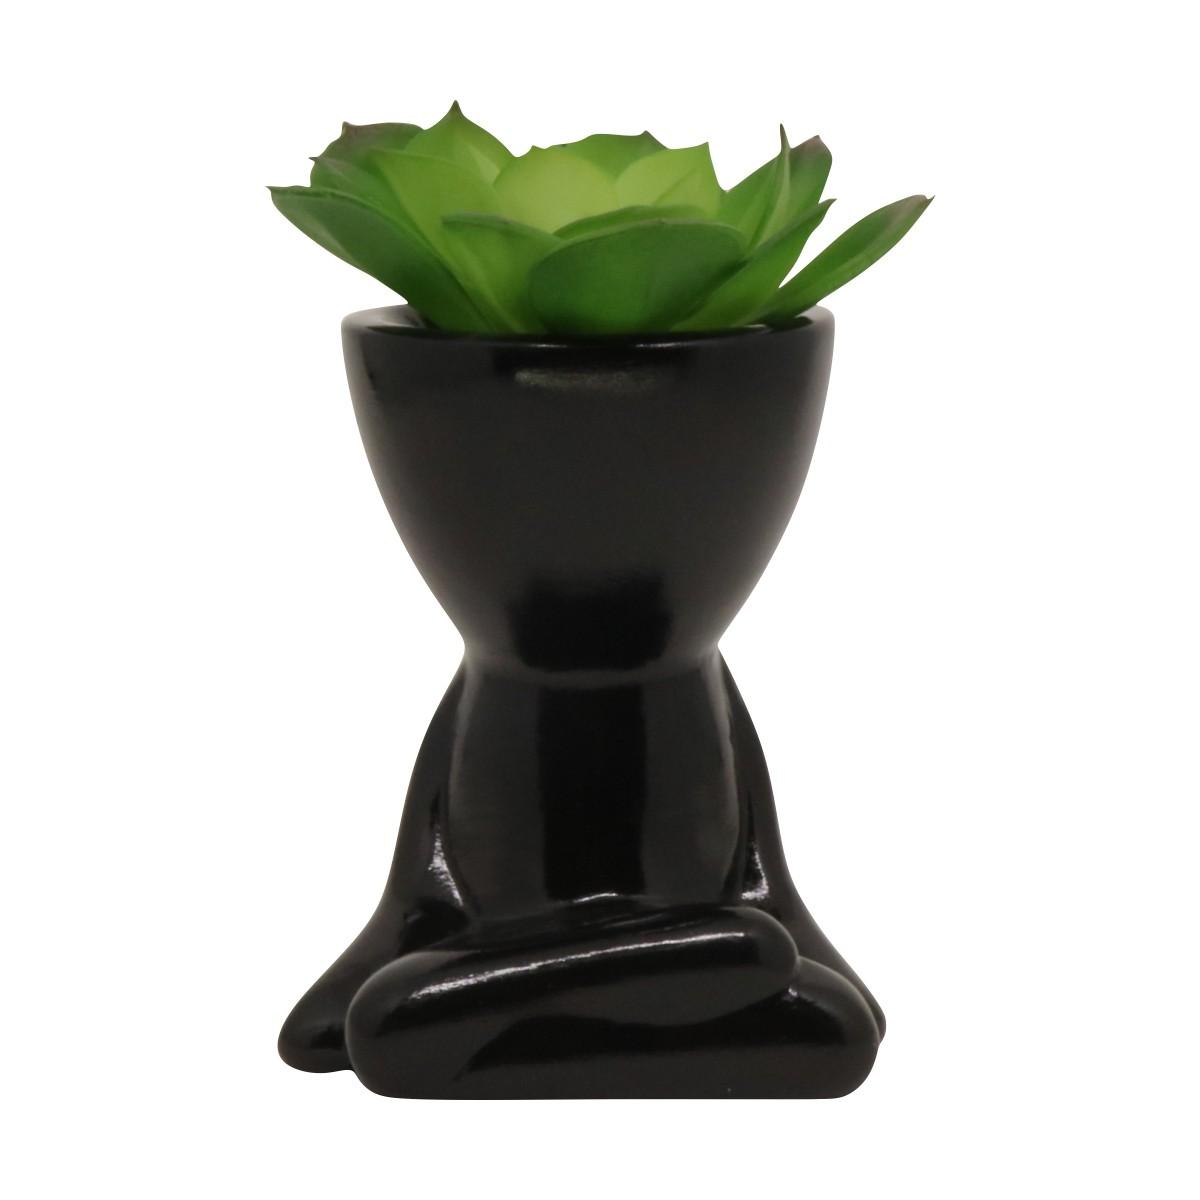 Cachepô de Cerâmica Robert Plant Preto Sentado Pernas Cruzadas 10,5cm - 5802